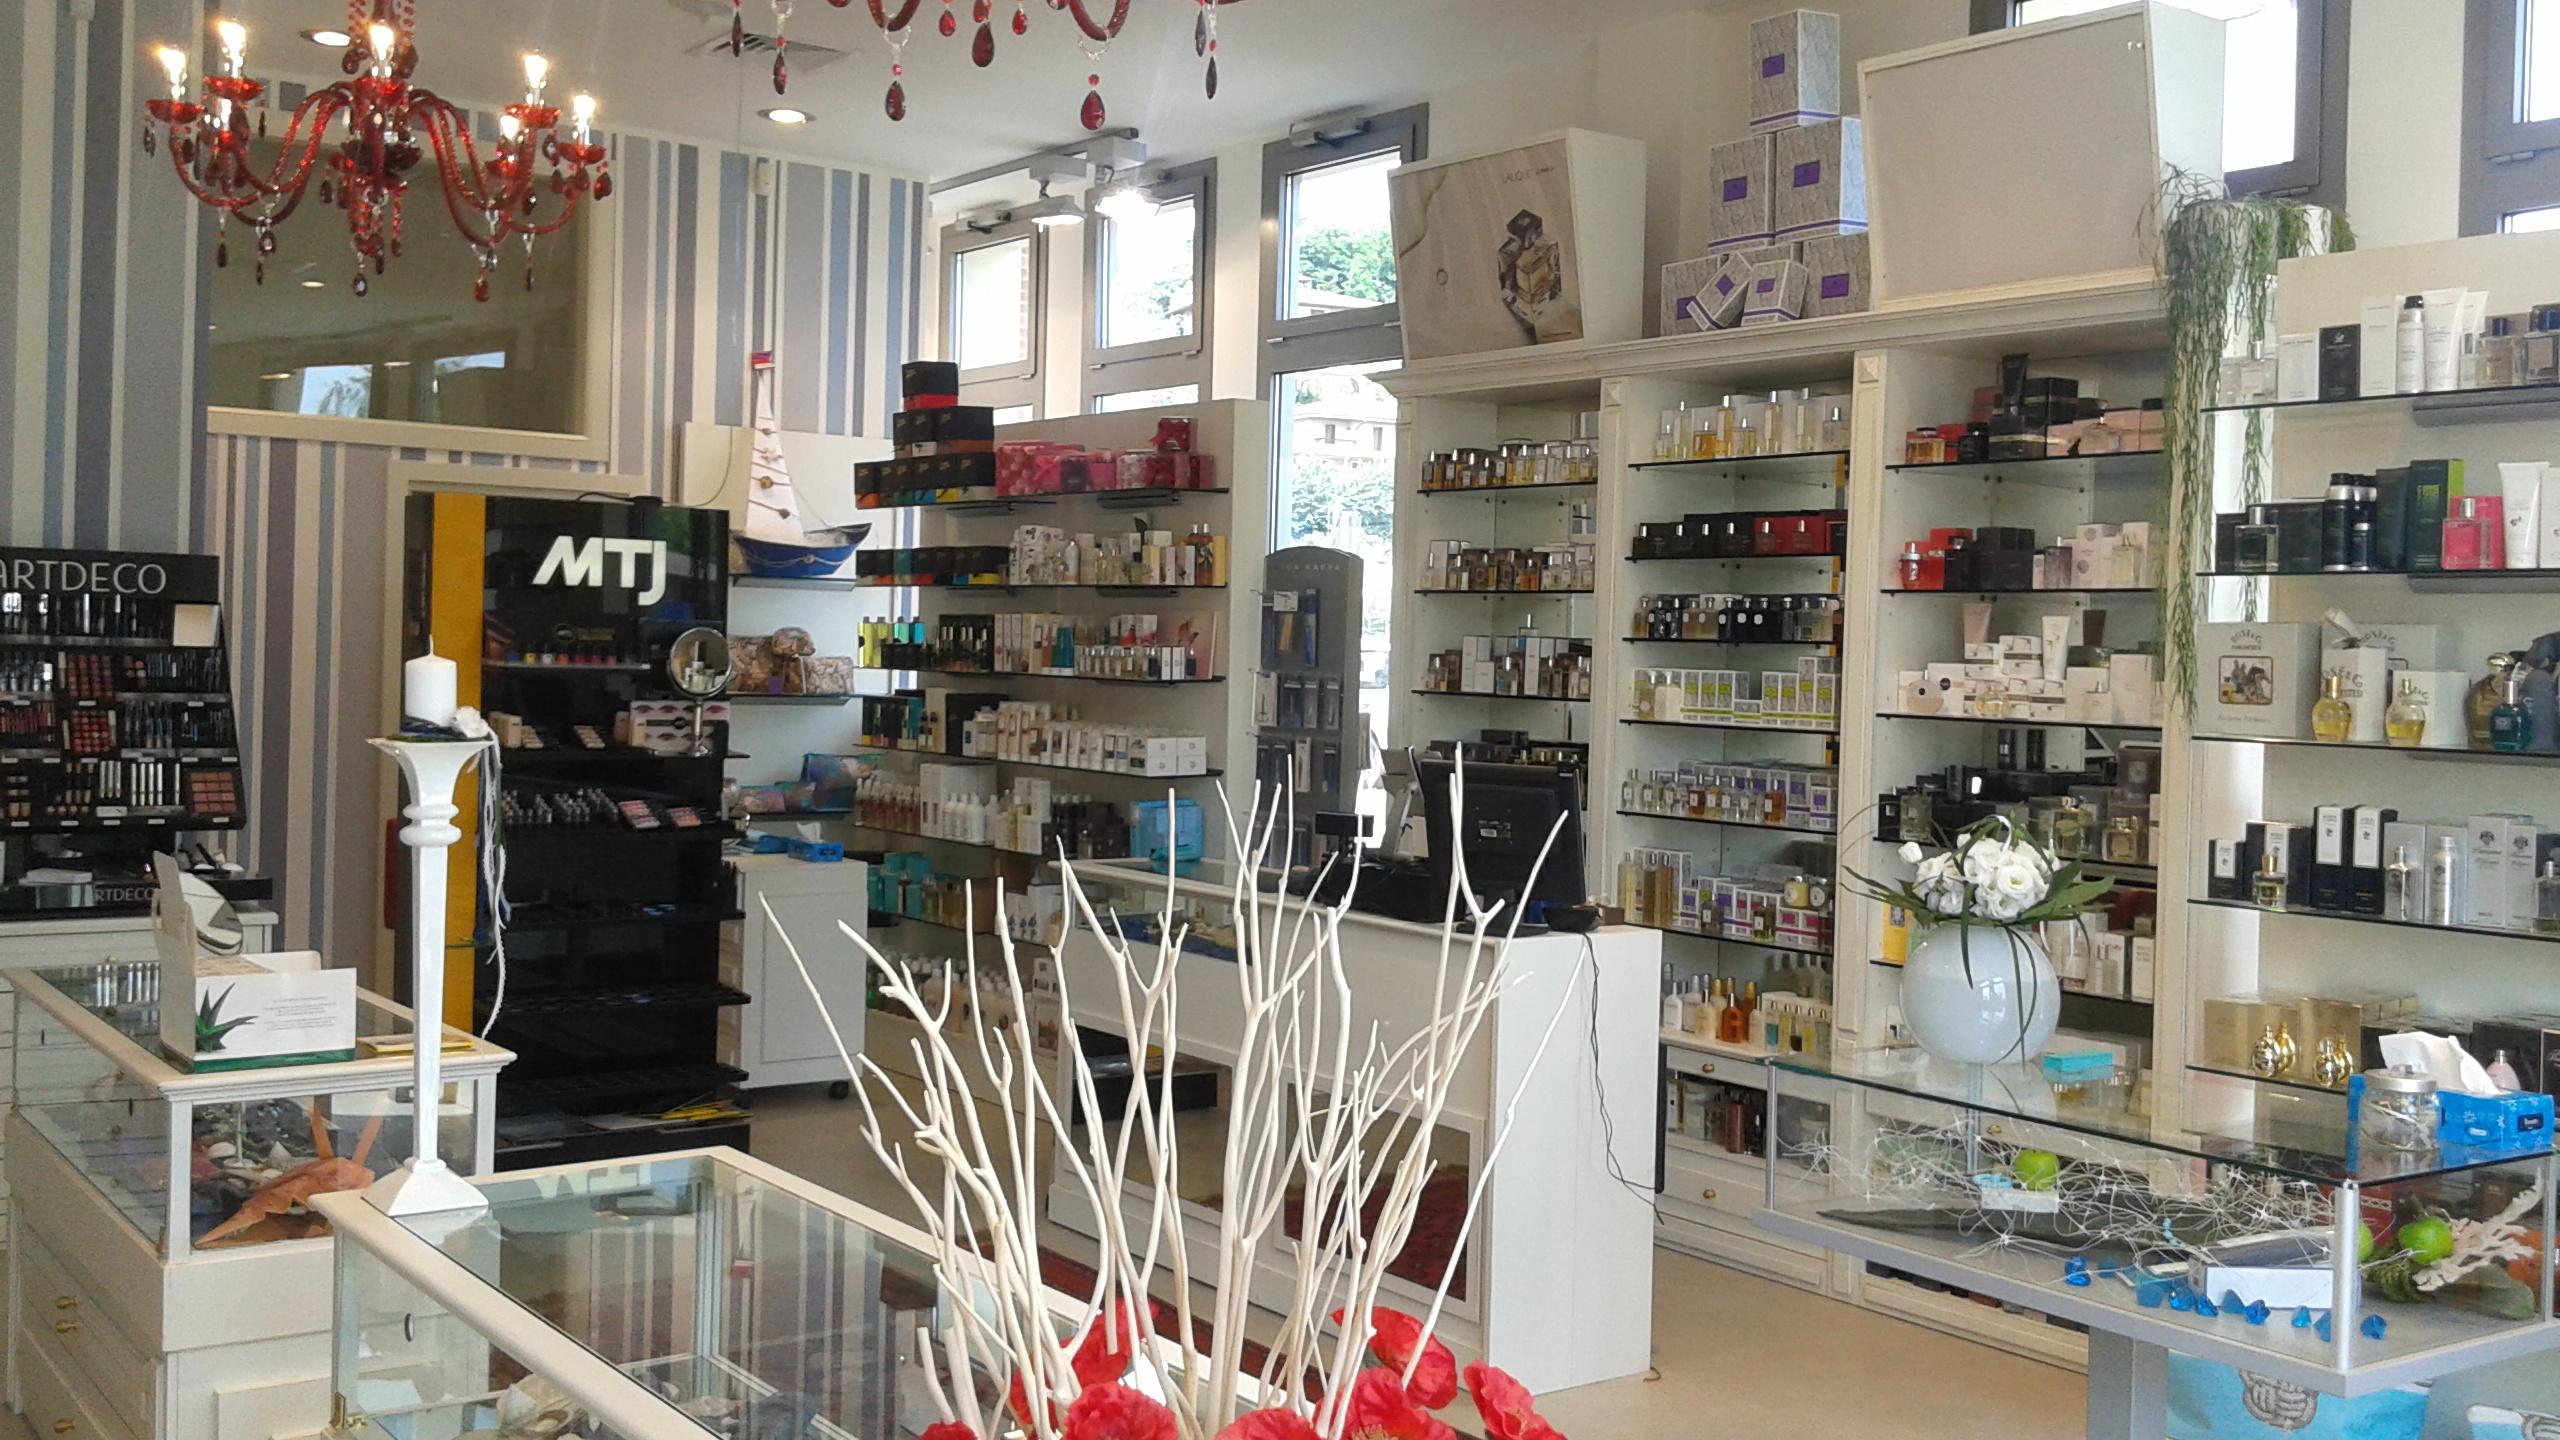 Negozi Di Cake Design A Torino : Negozi Mobili Yahoo: Mobili mondo convenienza yahoo casa ...